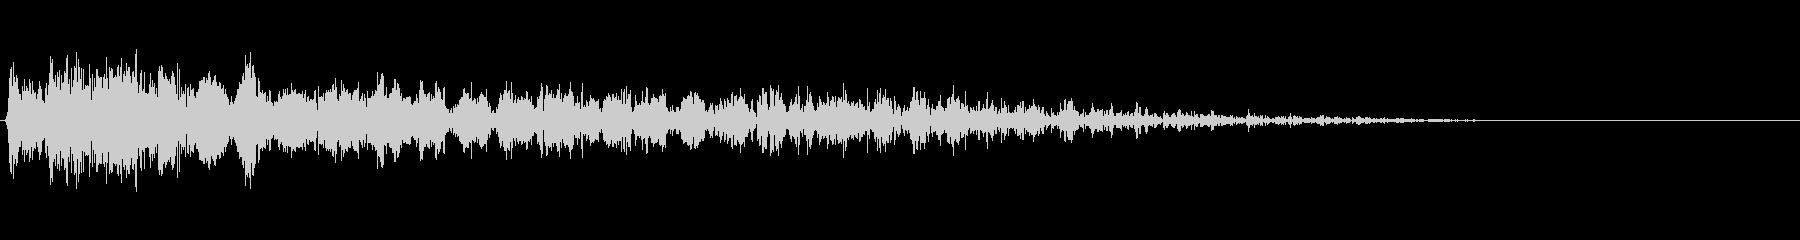 ティンパニドラムヒット&ロングロー...の未再生の波形